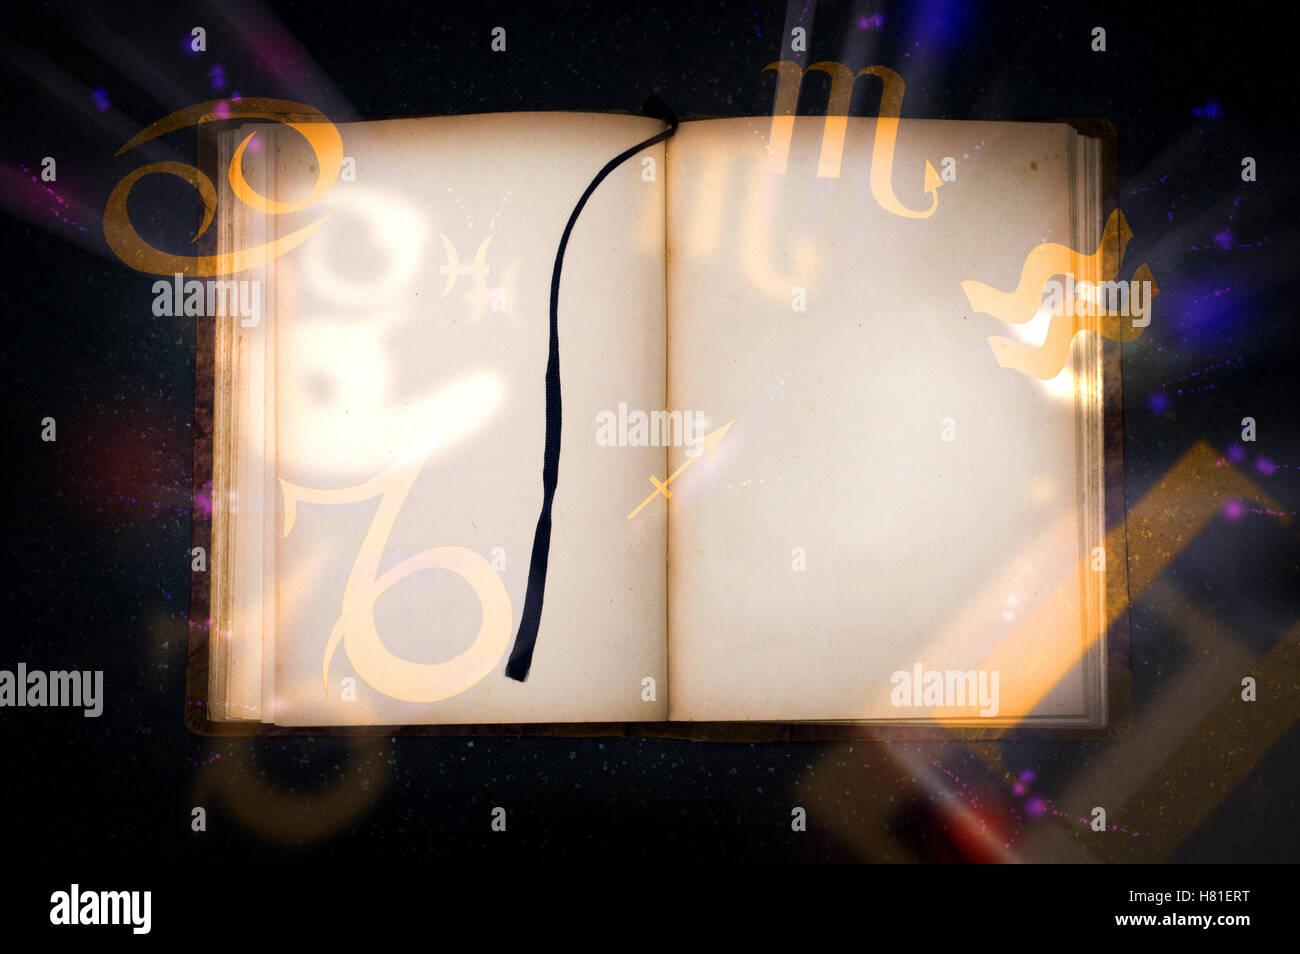 Vieux livre de magie avec glowing zodiac symboles. Page vide pour votre texte Photo Stock